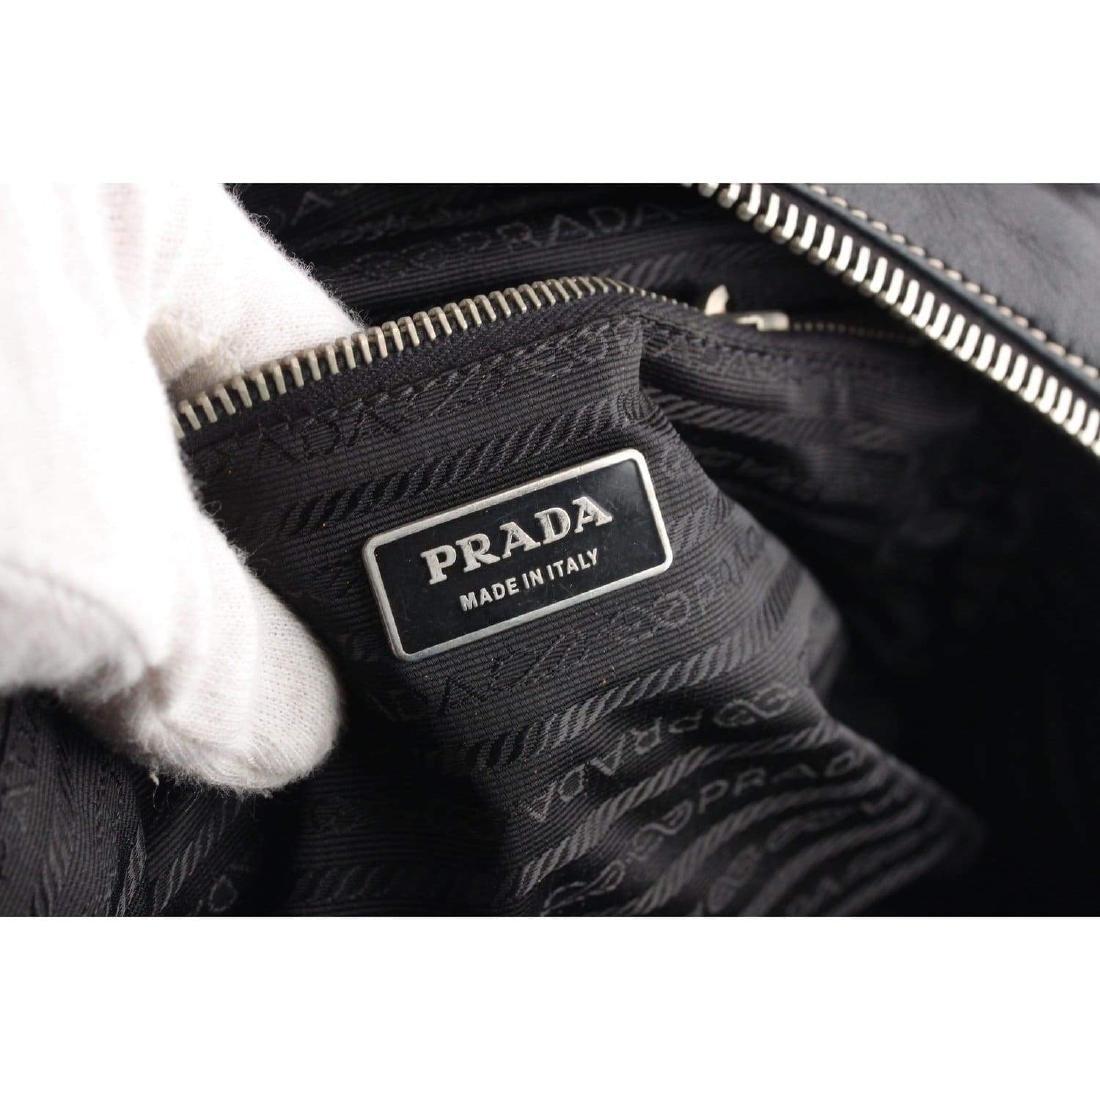 Prada Shoulder Bag with Tassels - 9